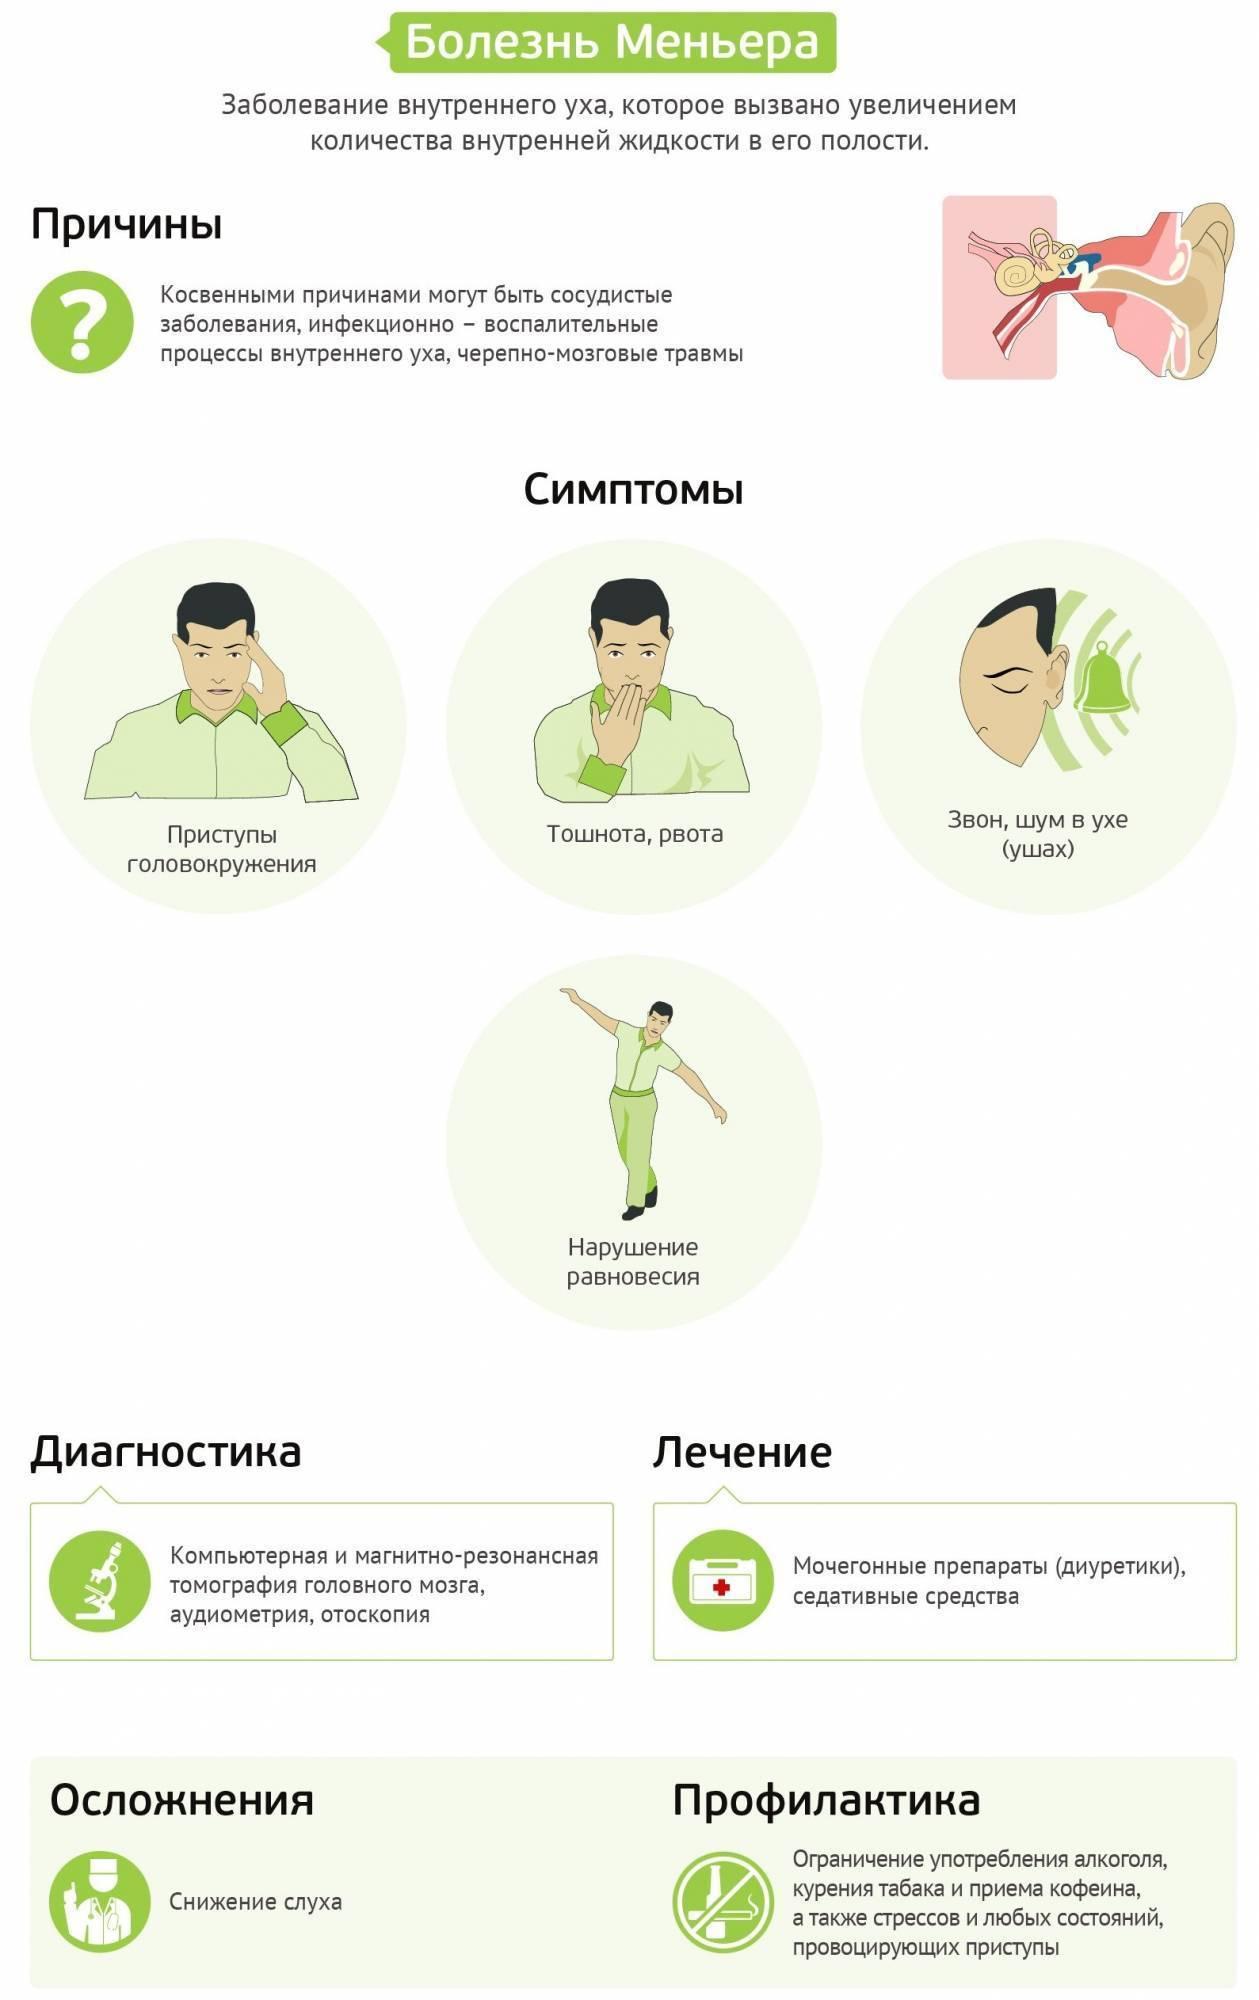 Болезнь меньера: симптомы и лечение народными средствами, причины болезни меньера